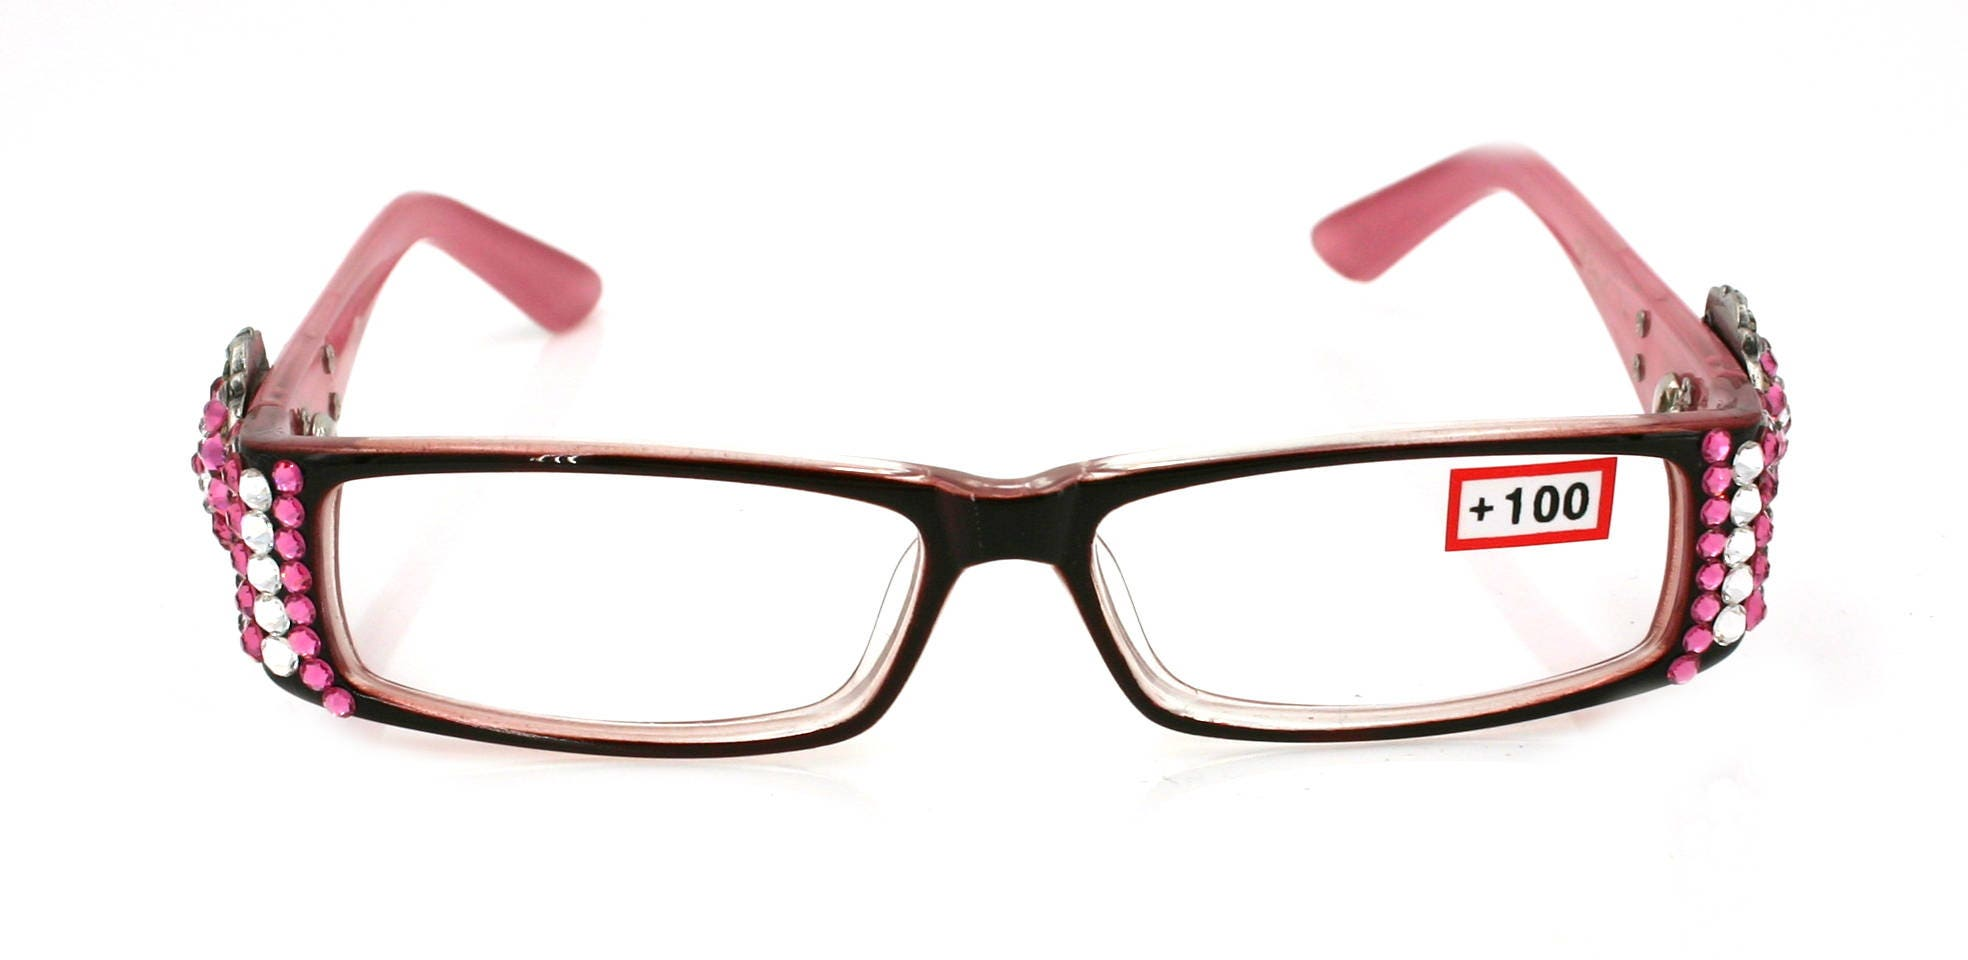 El Medallion Bling Gafas de Lectura para Mujer w Luz Rosa n